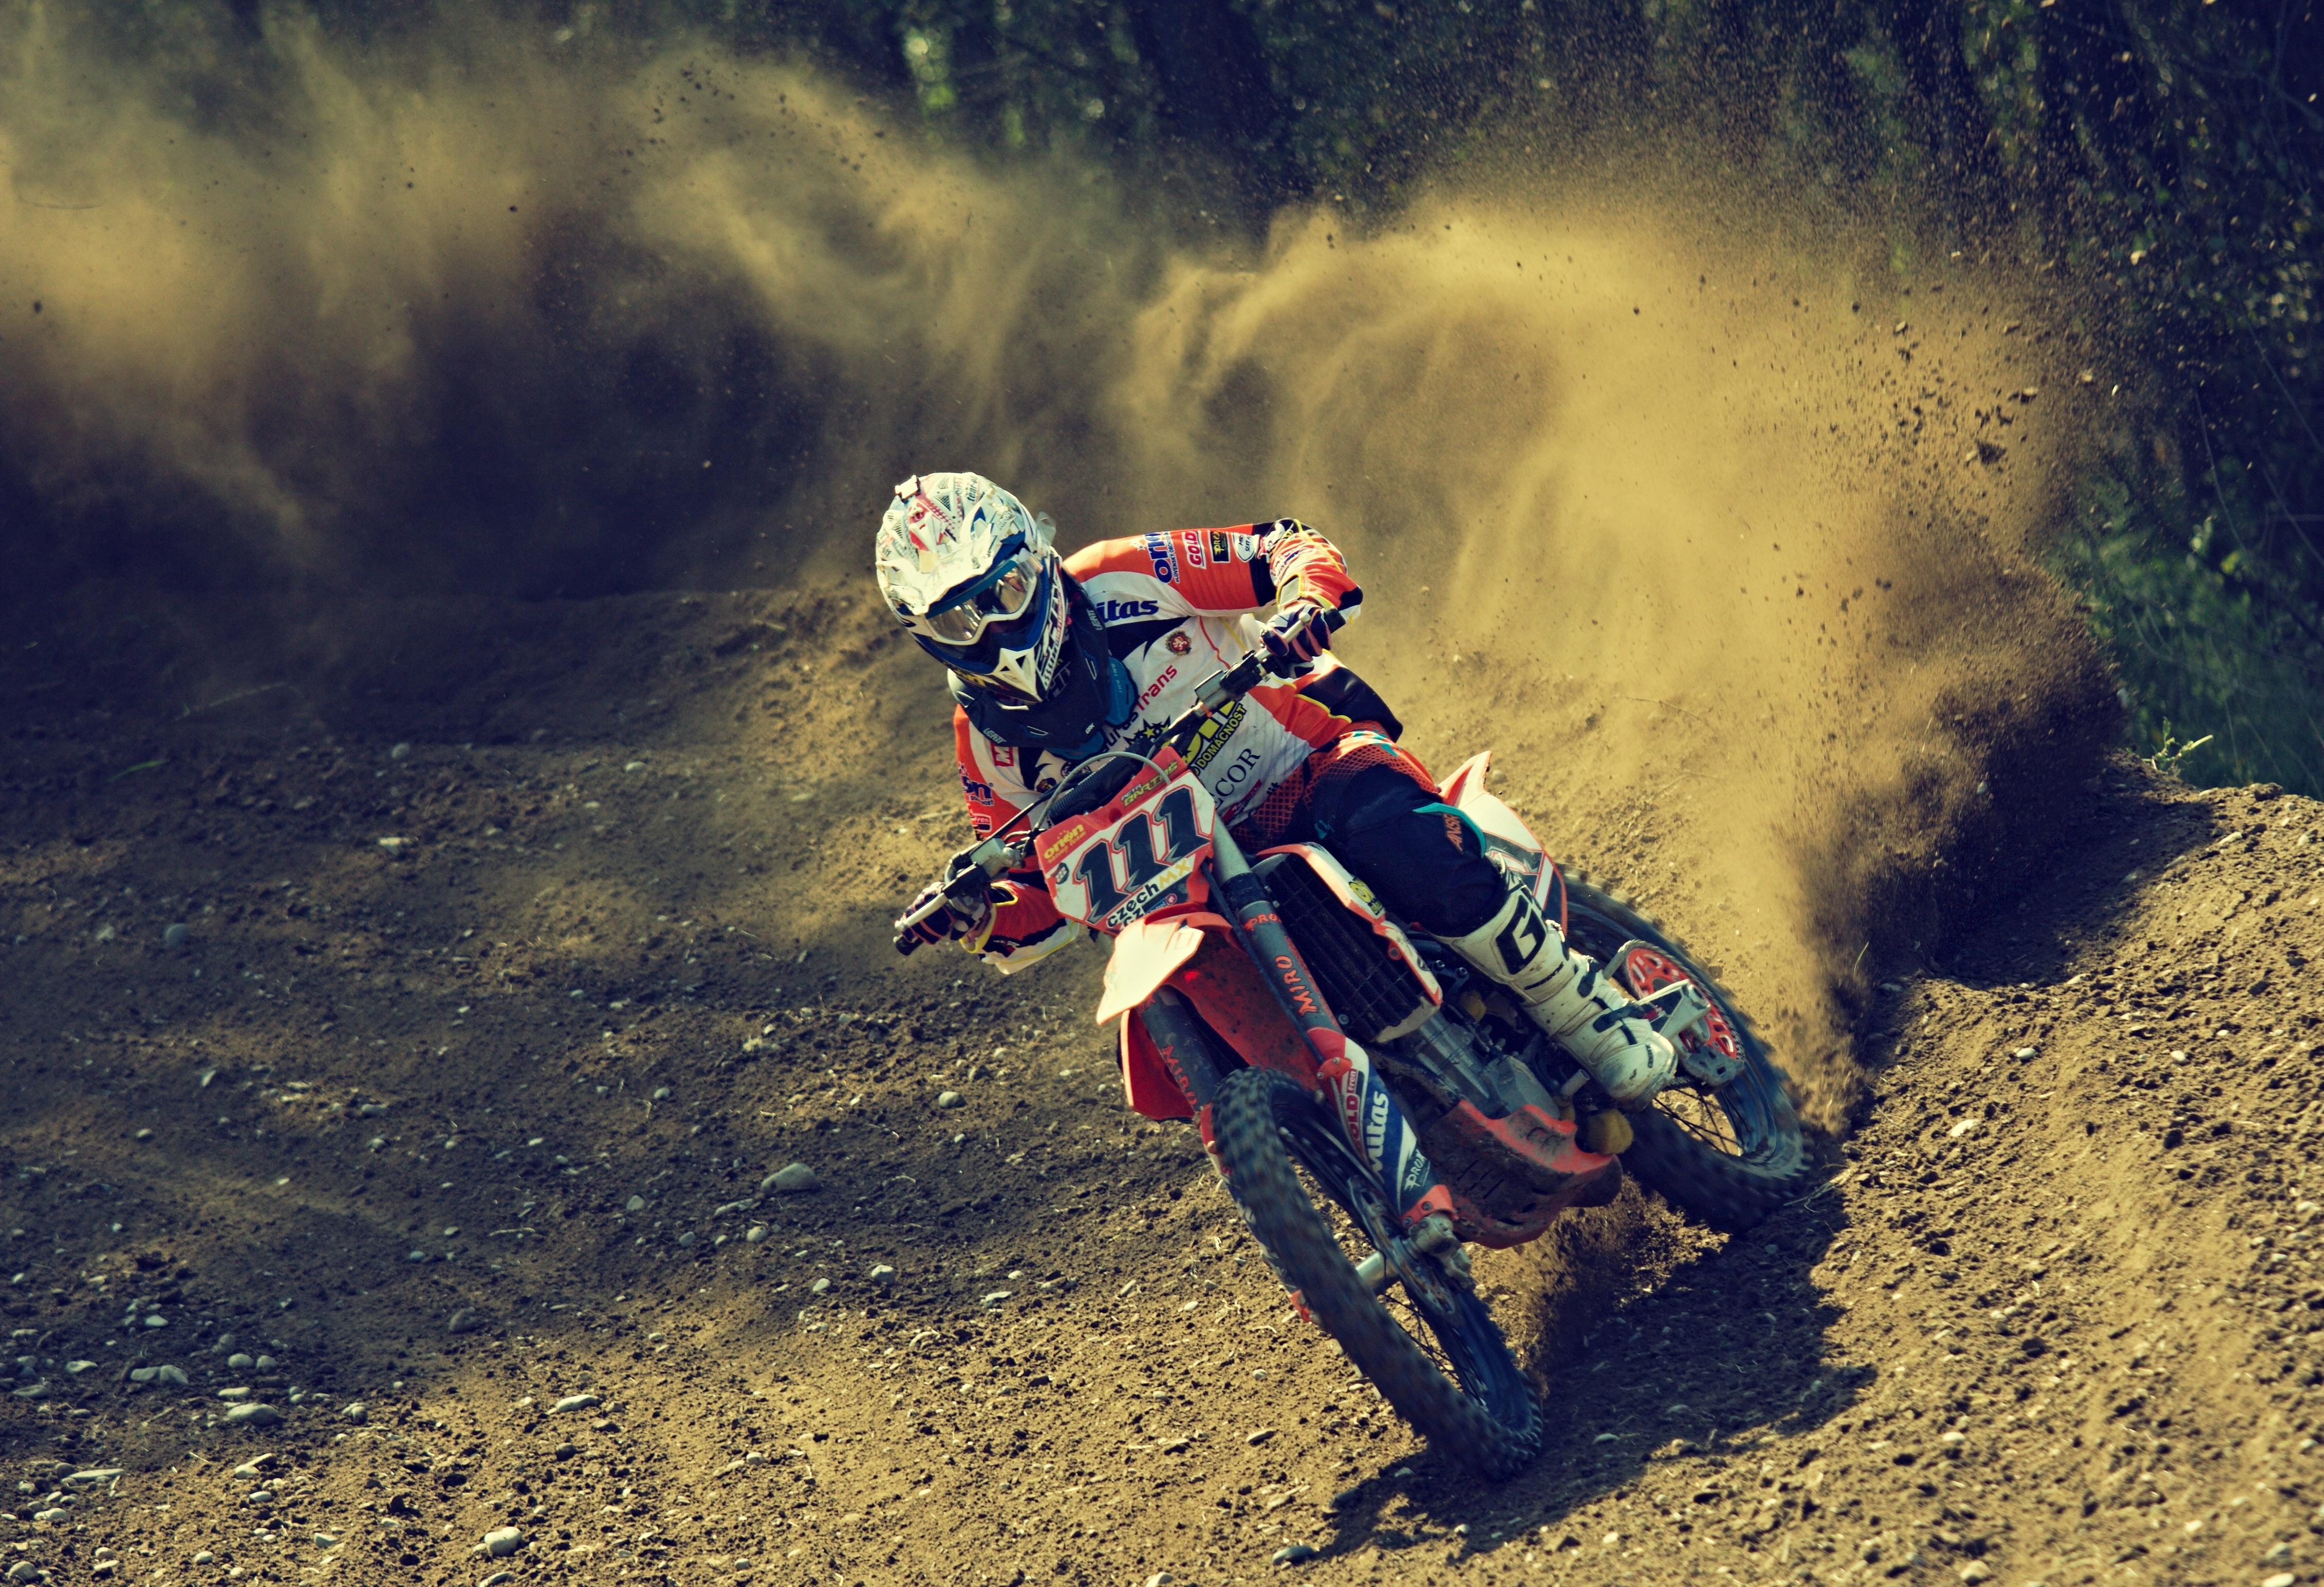 Images gratuites moto motocross traverser sport extr me des sports courses sport - Image moto sportive ...